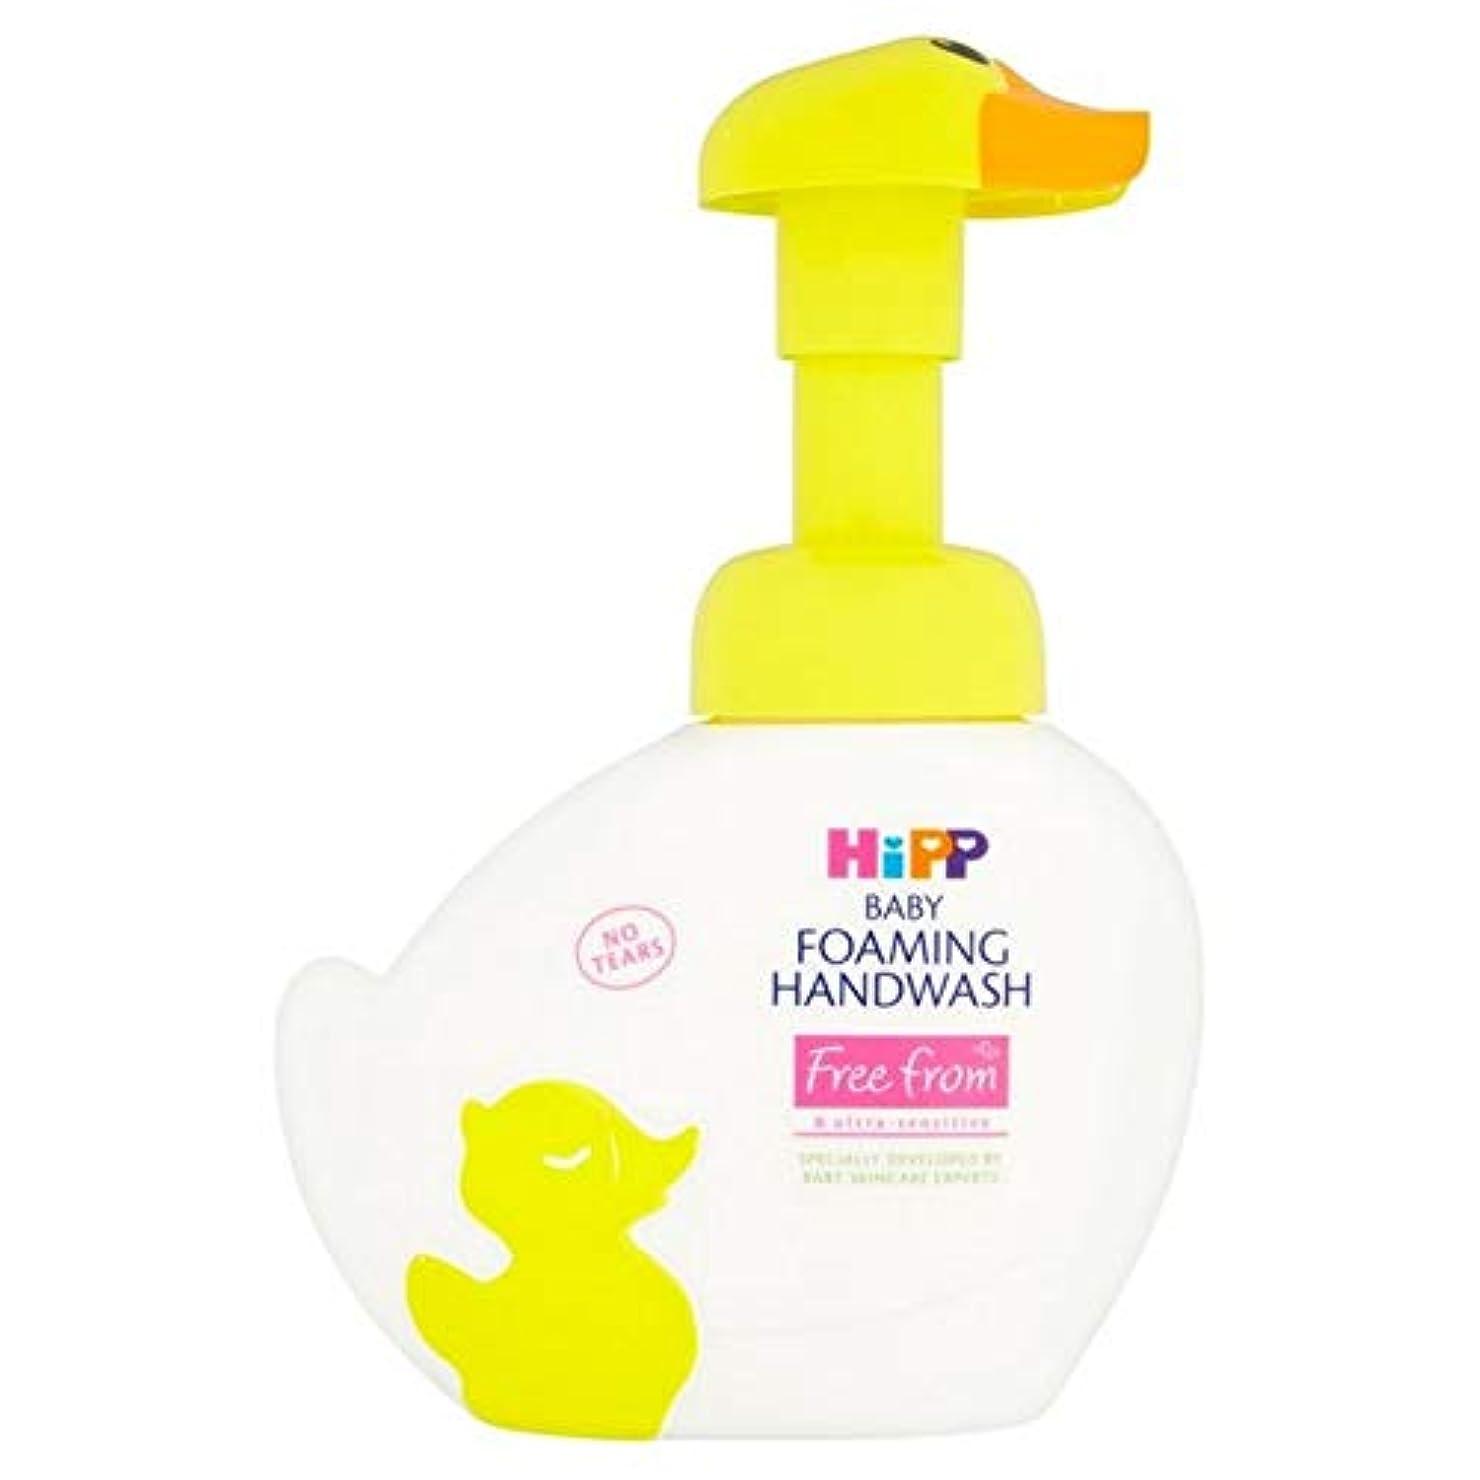 感謝祭悪意上昇[Hipp ] ヒップアヒル発泡手洗いの250ミリリットル - HiPP Duck Foaming Handwash 250ml [並行輸入品]